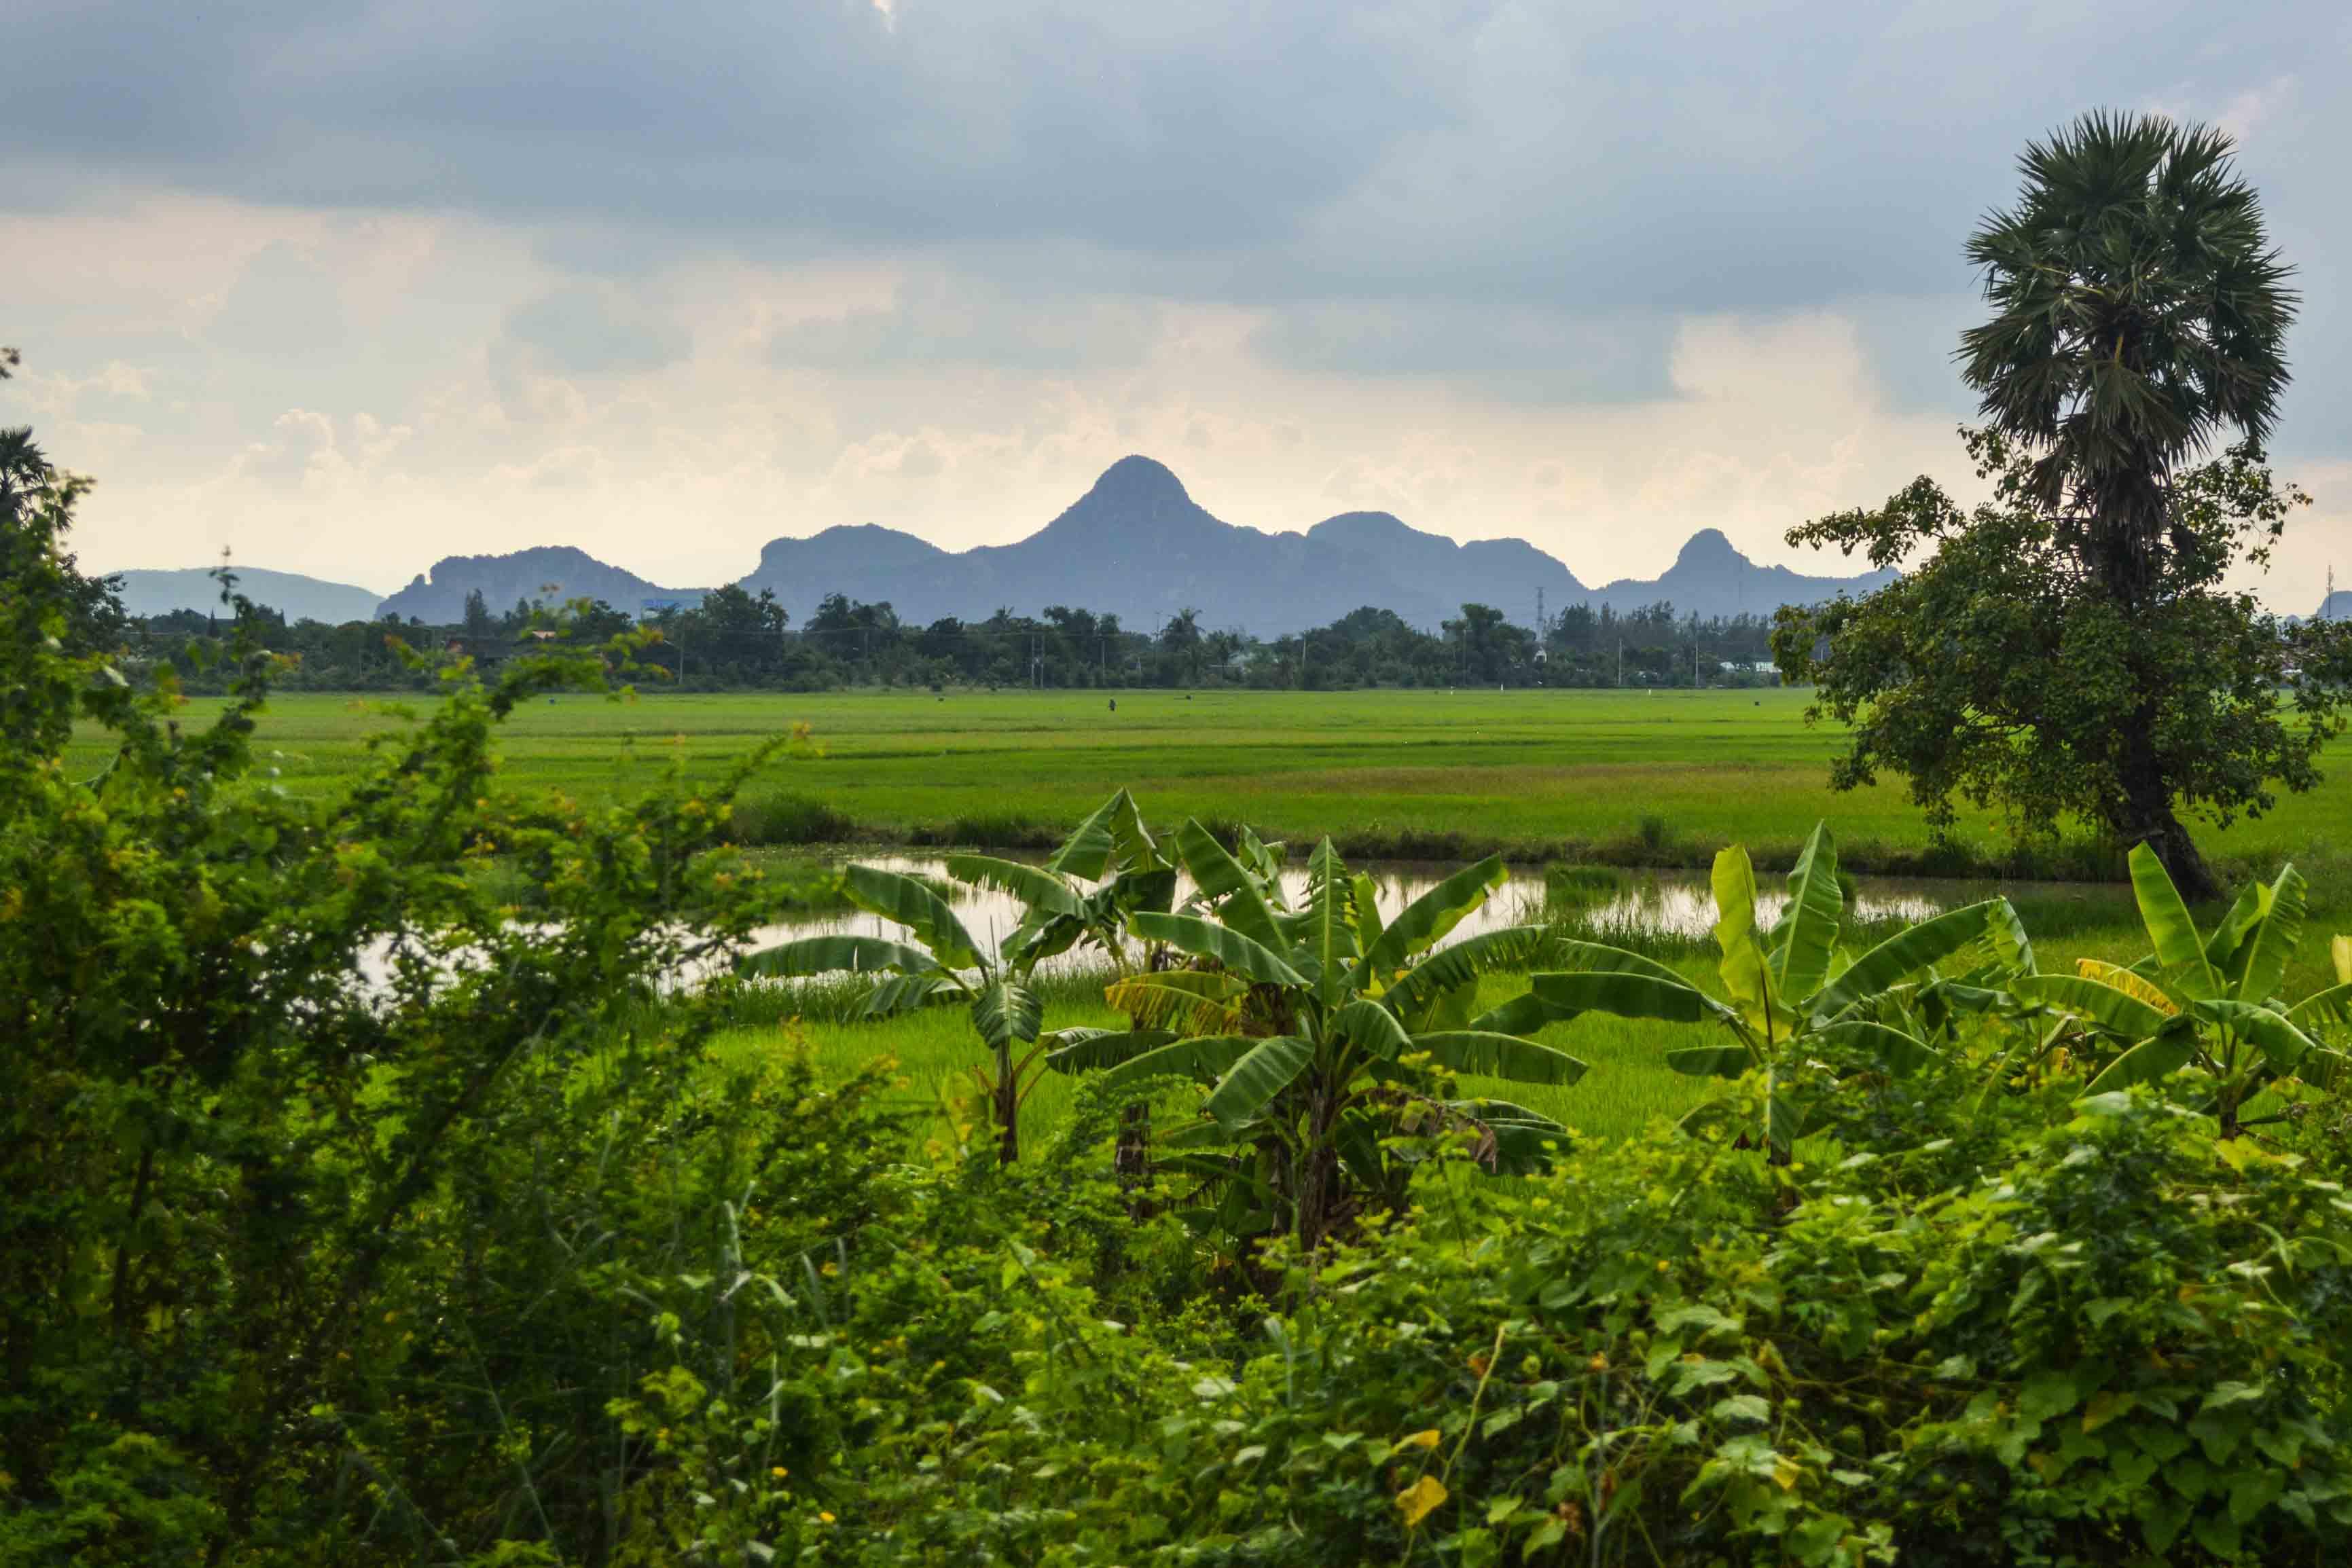 Wunderschöne Landschaft in Thailand